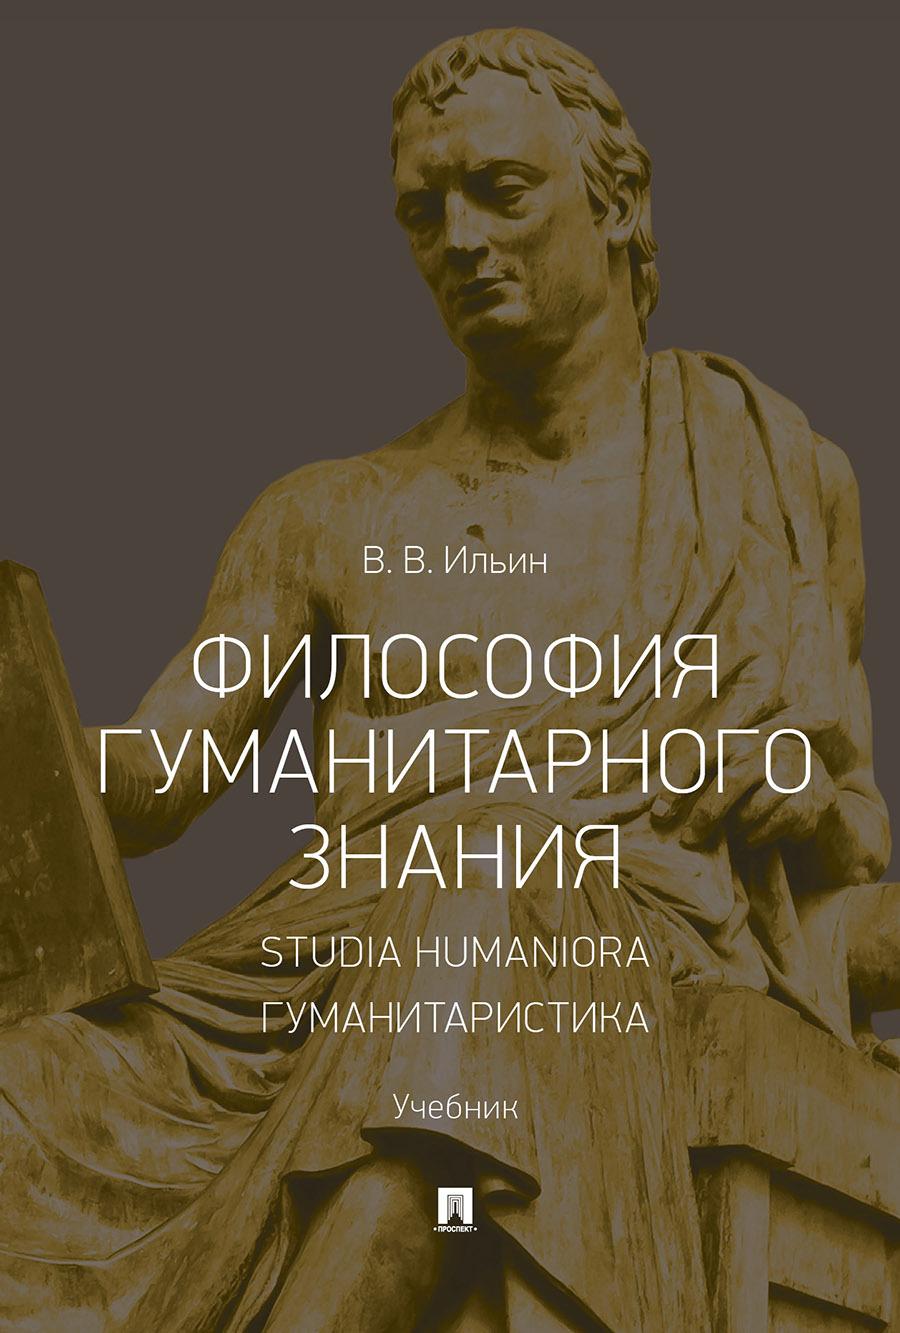 Философия гуманитарного знания. Studia humaniora. Гуманитаристика. Учебник | Ильин Виктор Васильевич